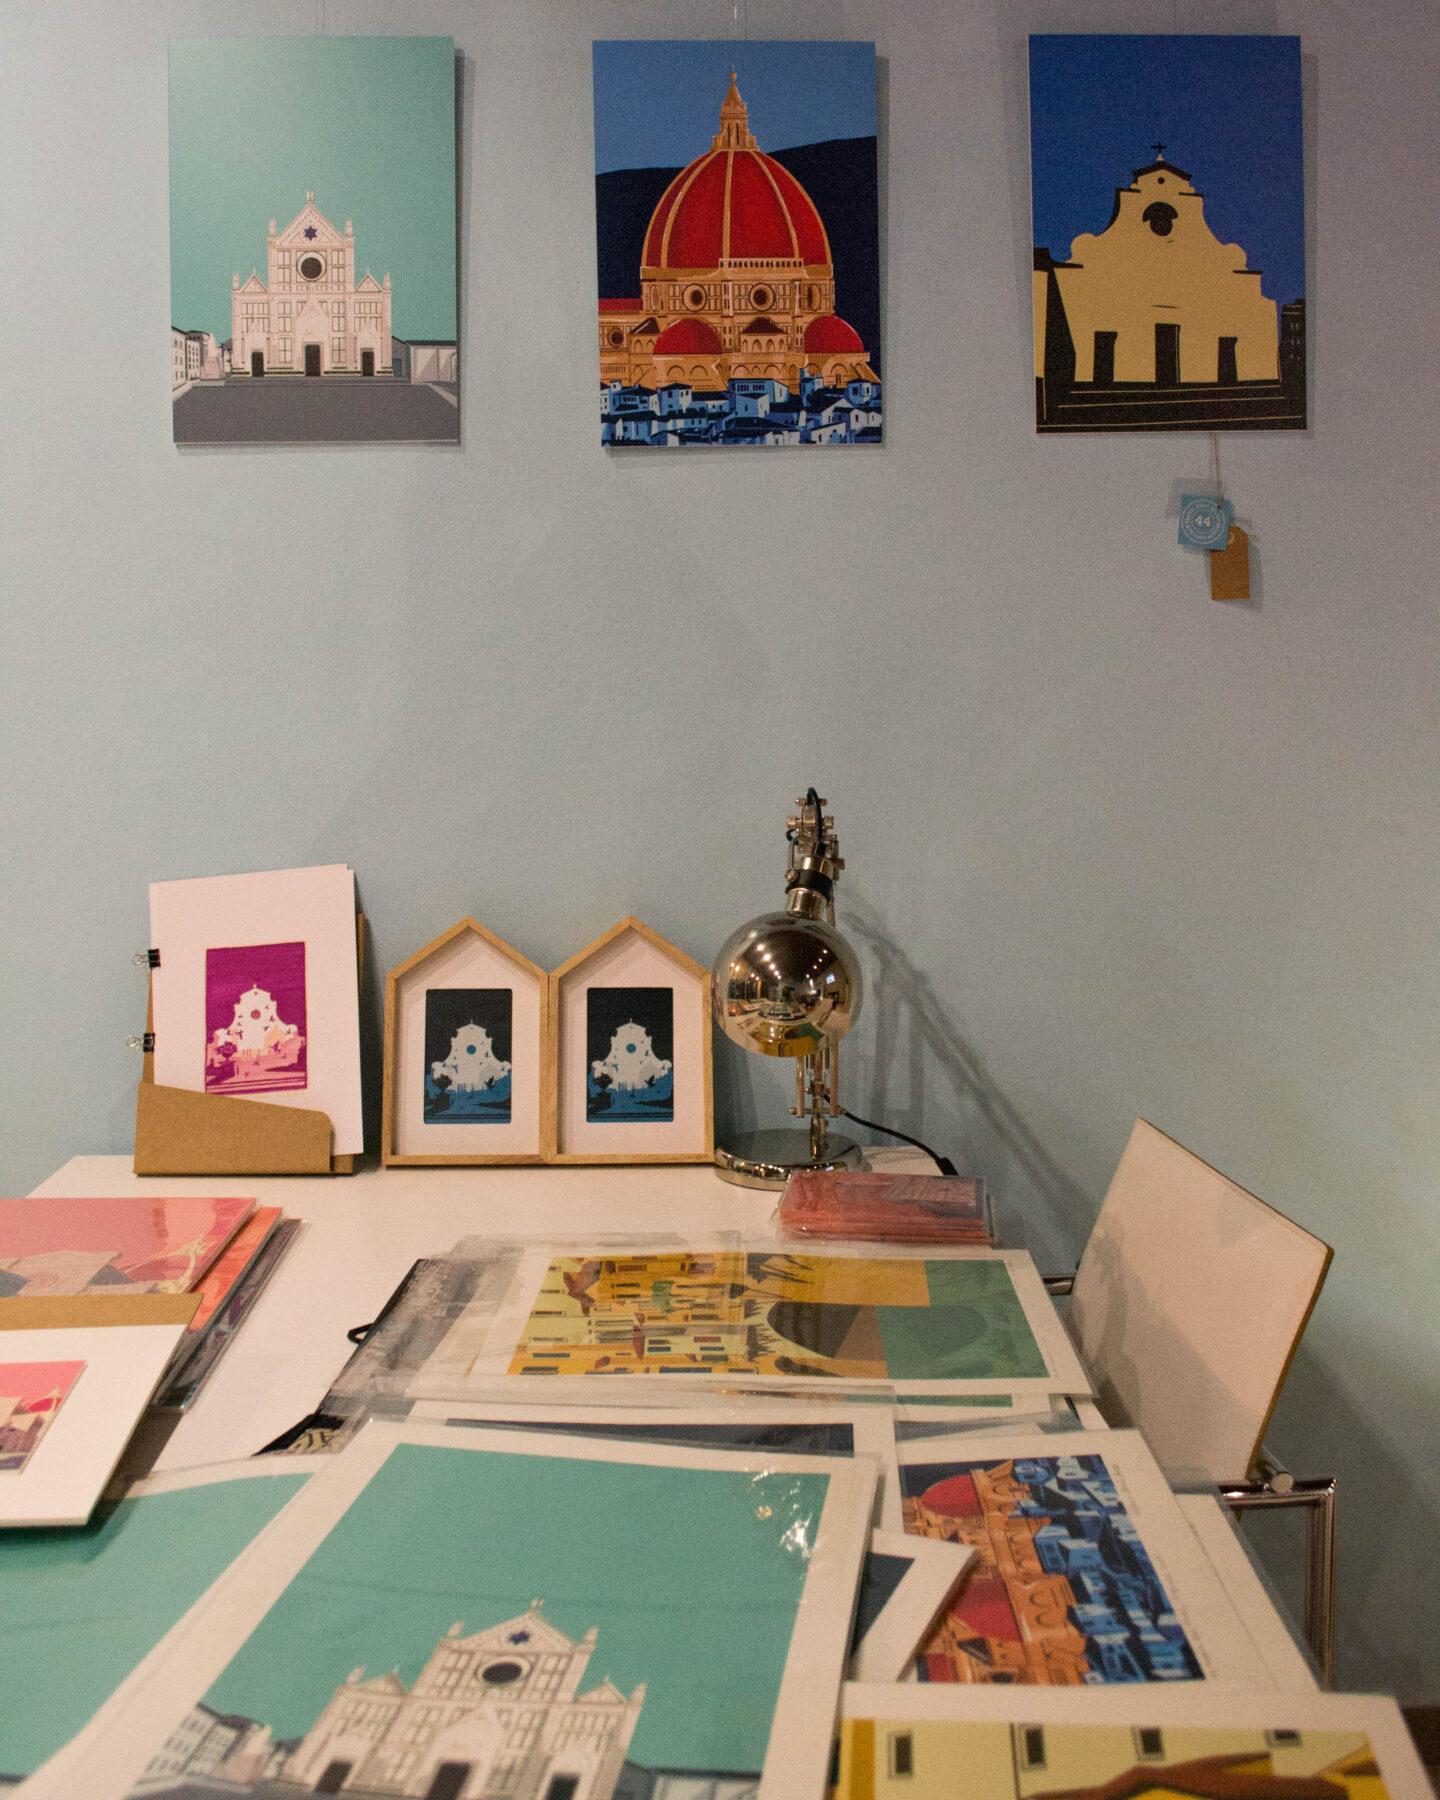 tavolo con disegni, stampe e bozzetti